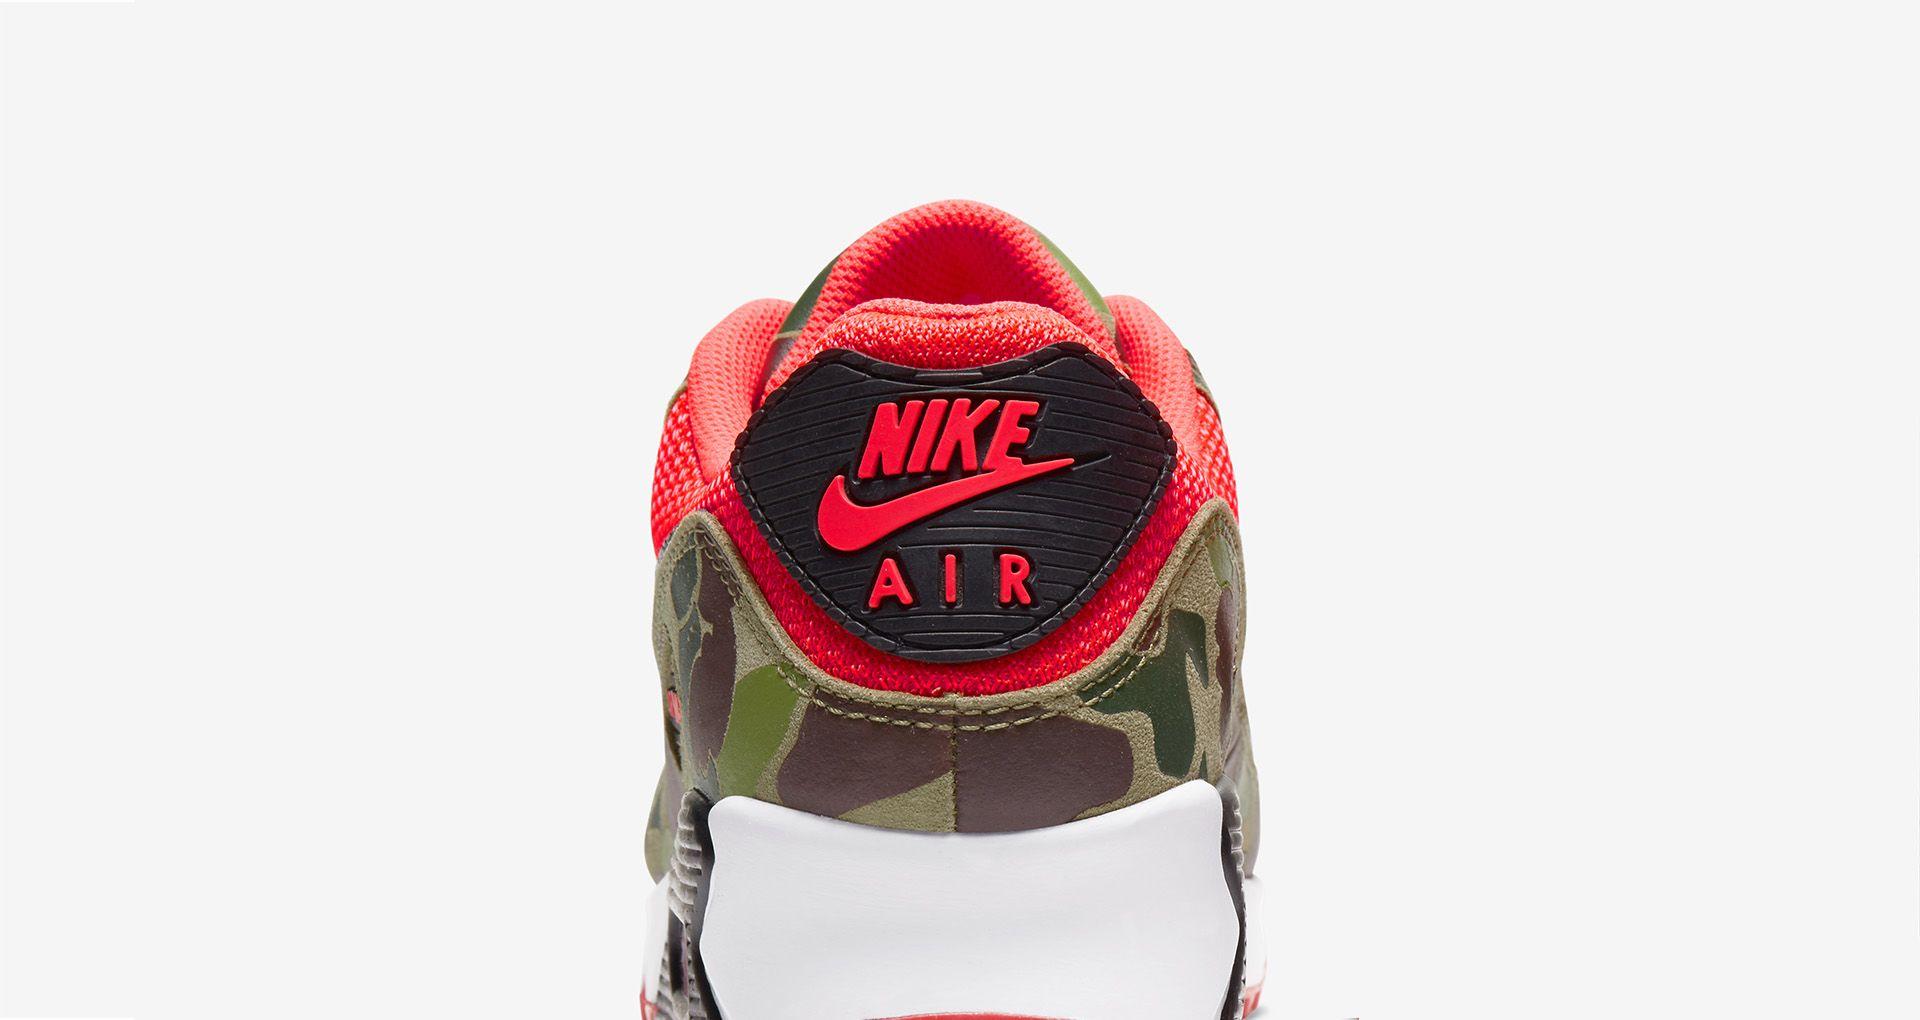 Nike Air Max 90 'Infrared Duck Camo